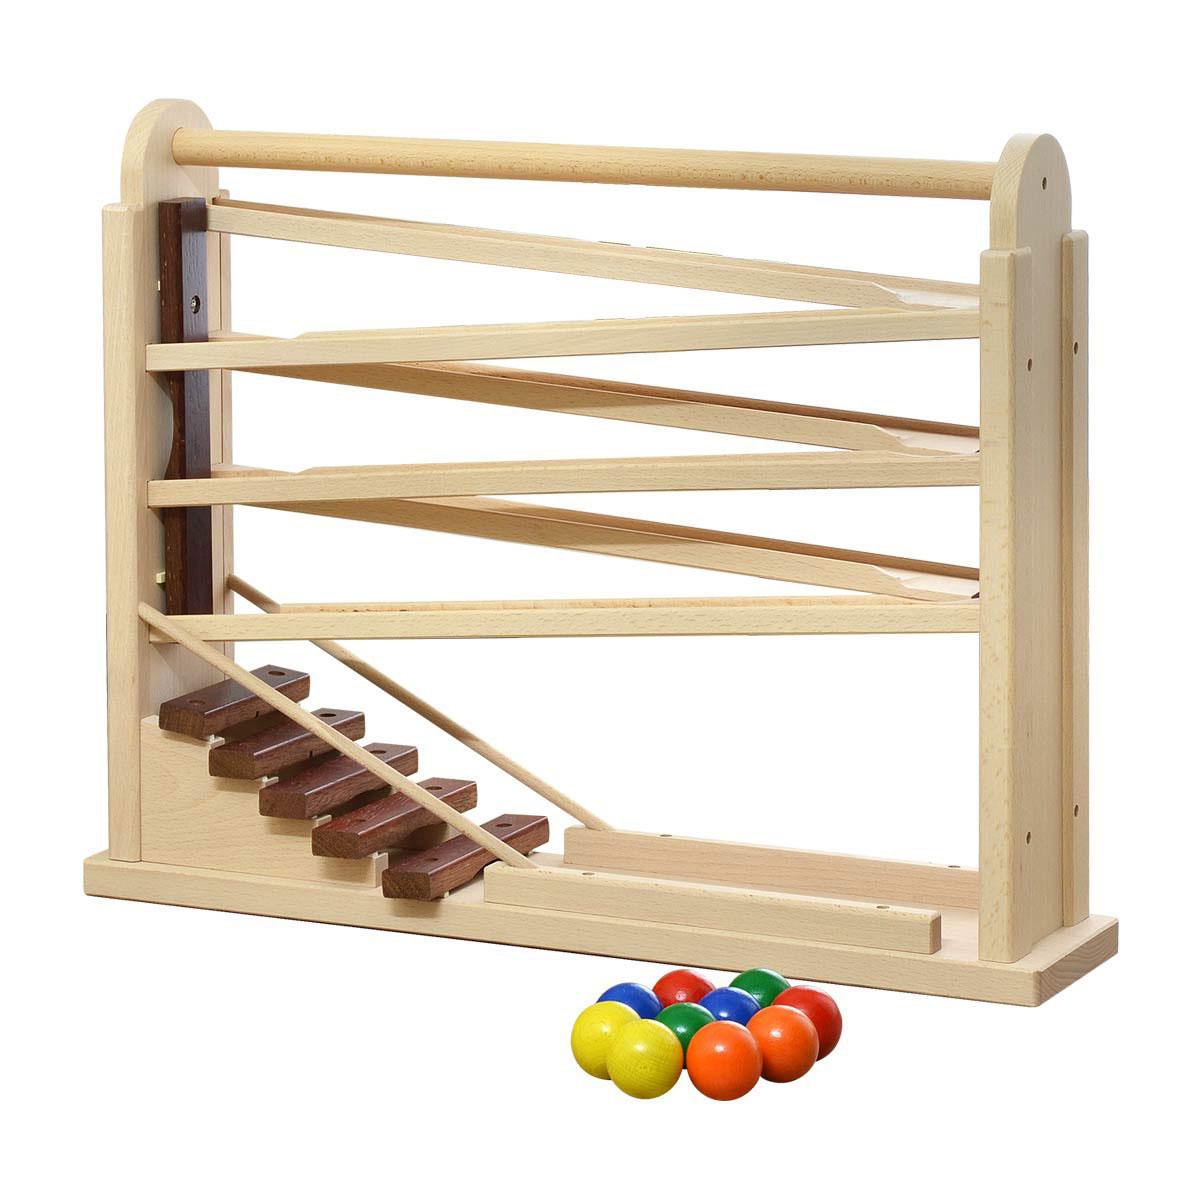 【1年保証】コイデ KOIDE 日本製 おもちゃ 玩具 コロコロシロホン M64 木琴 ボール 楽器 スロープ 知育 室内 3歳 男の子 女の子 子供 幼児 ベビー 知育玩具 出産祝い 誕生日 ウッド 天然木 国産[送料無料]